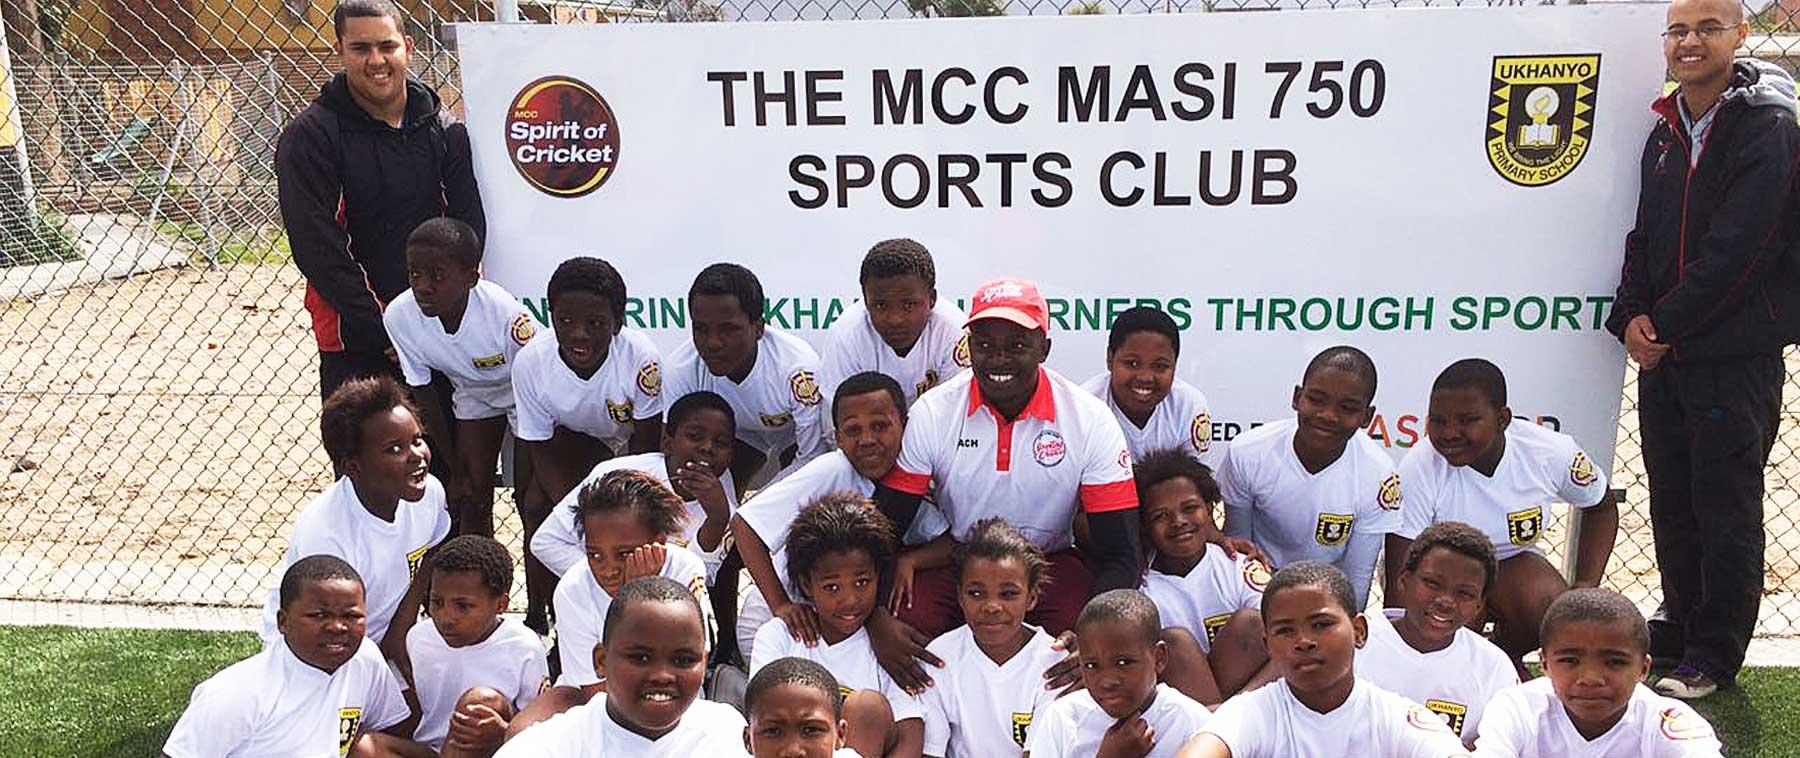 Cricket in Massi